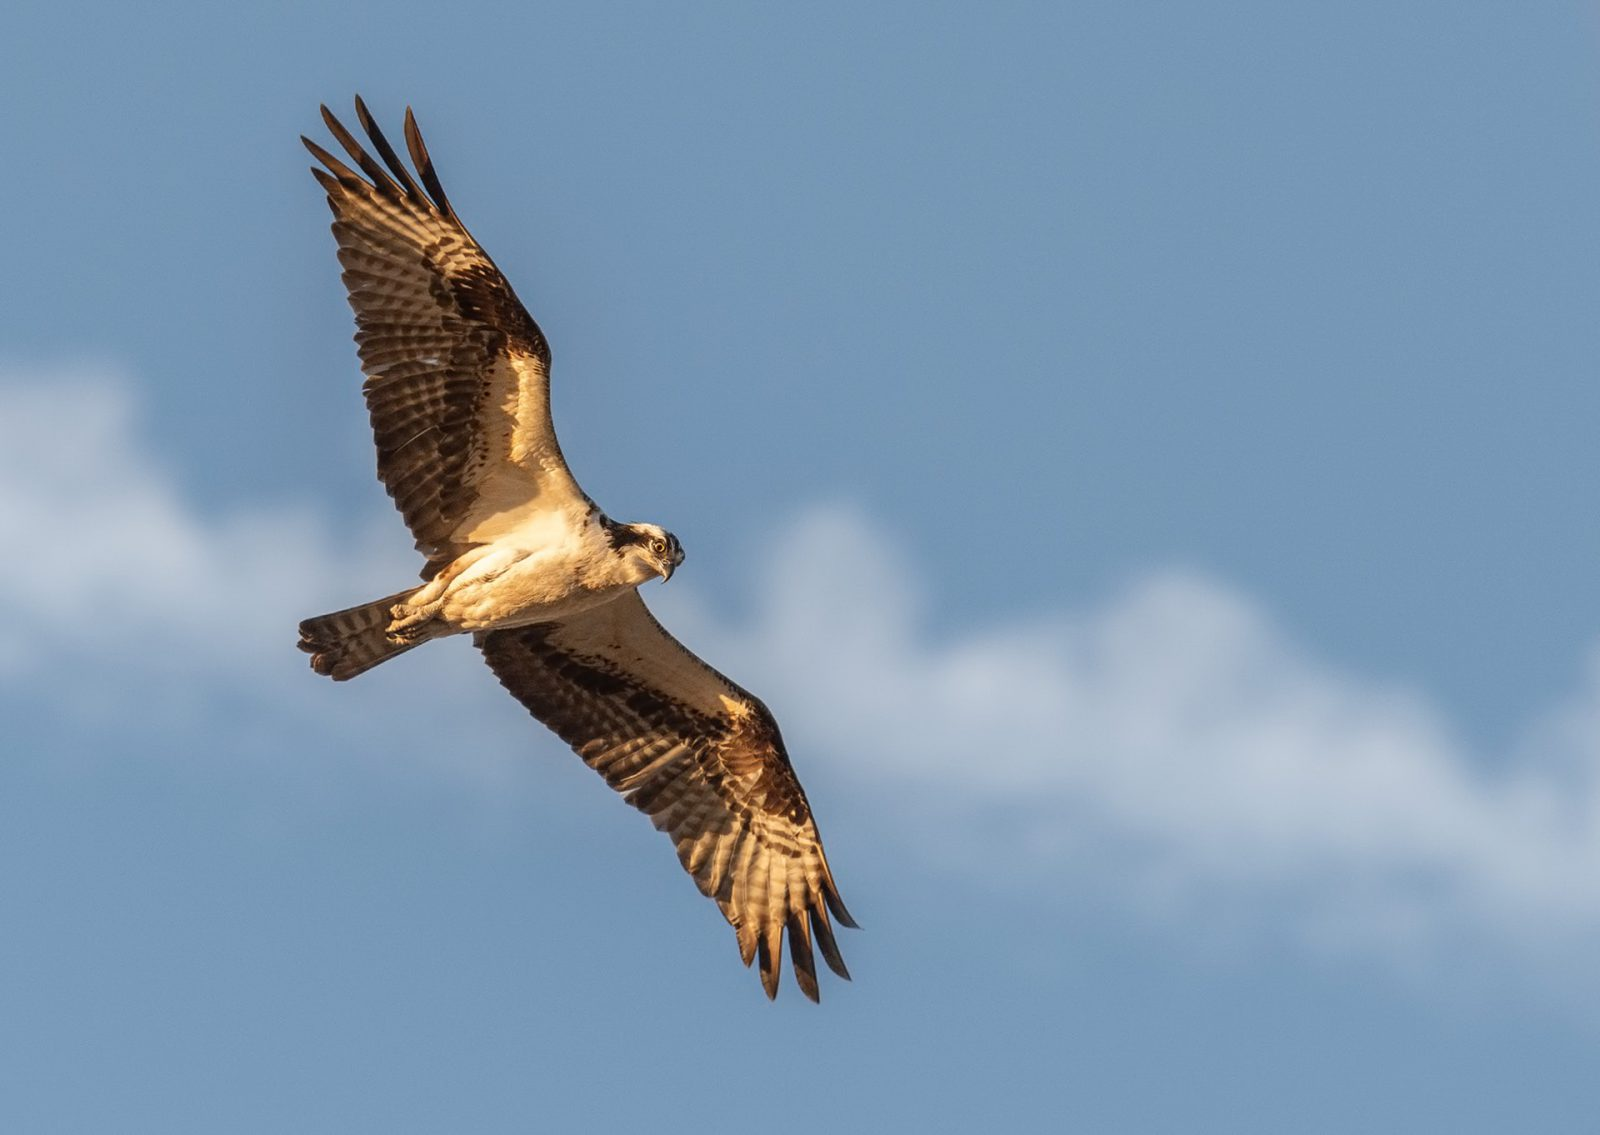 Sonhar com gavião voando simboliza o respeito e o reconhecimento da sociedade